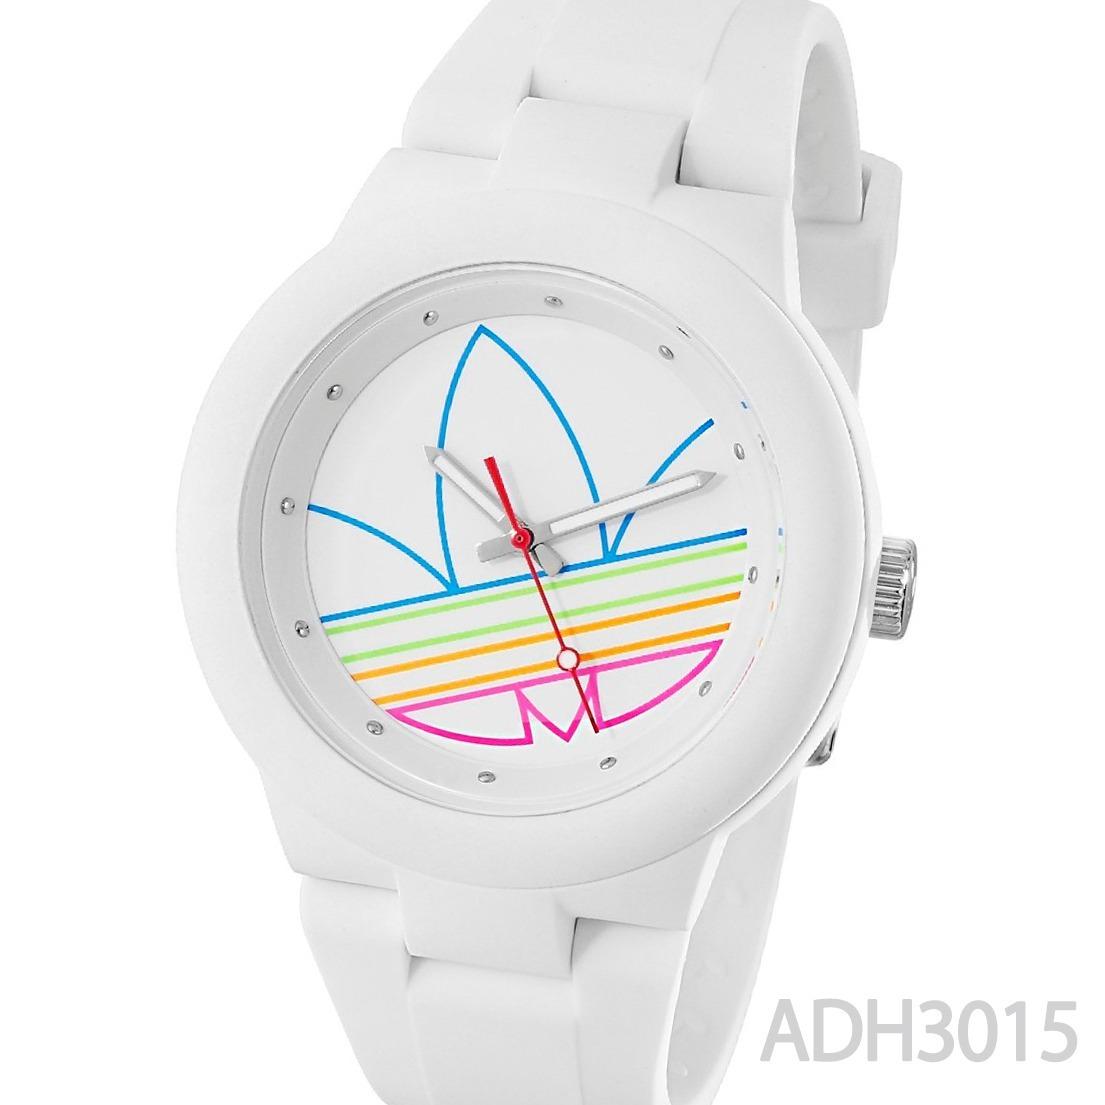 low cost a16ca f645c reloj adidas aberdeen adh3015 50m wr silicona. Cargando zoom.